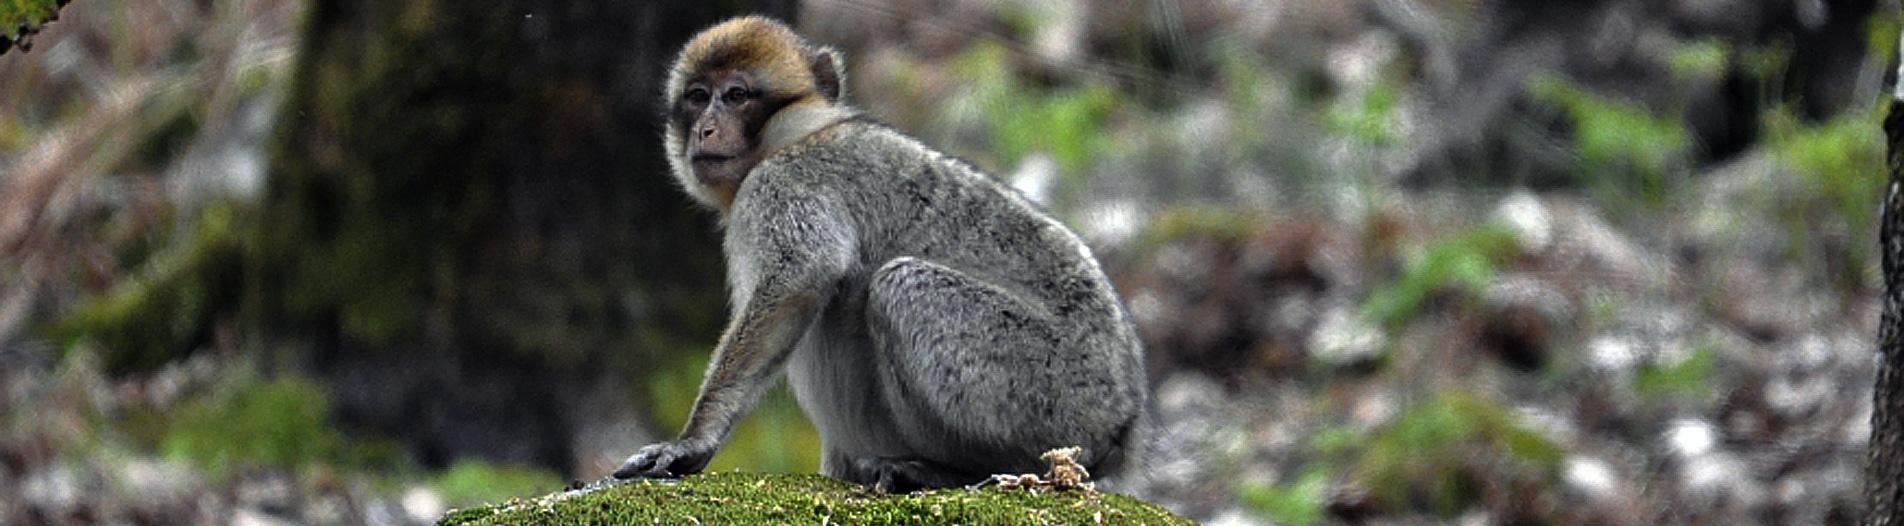 macaca sylvanus excursion naturalez marruecos